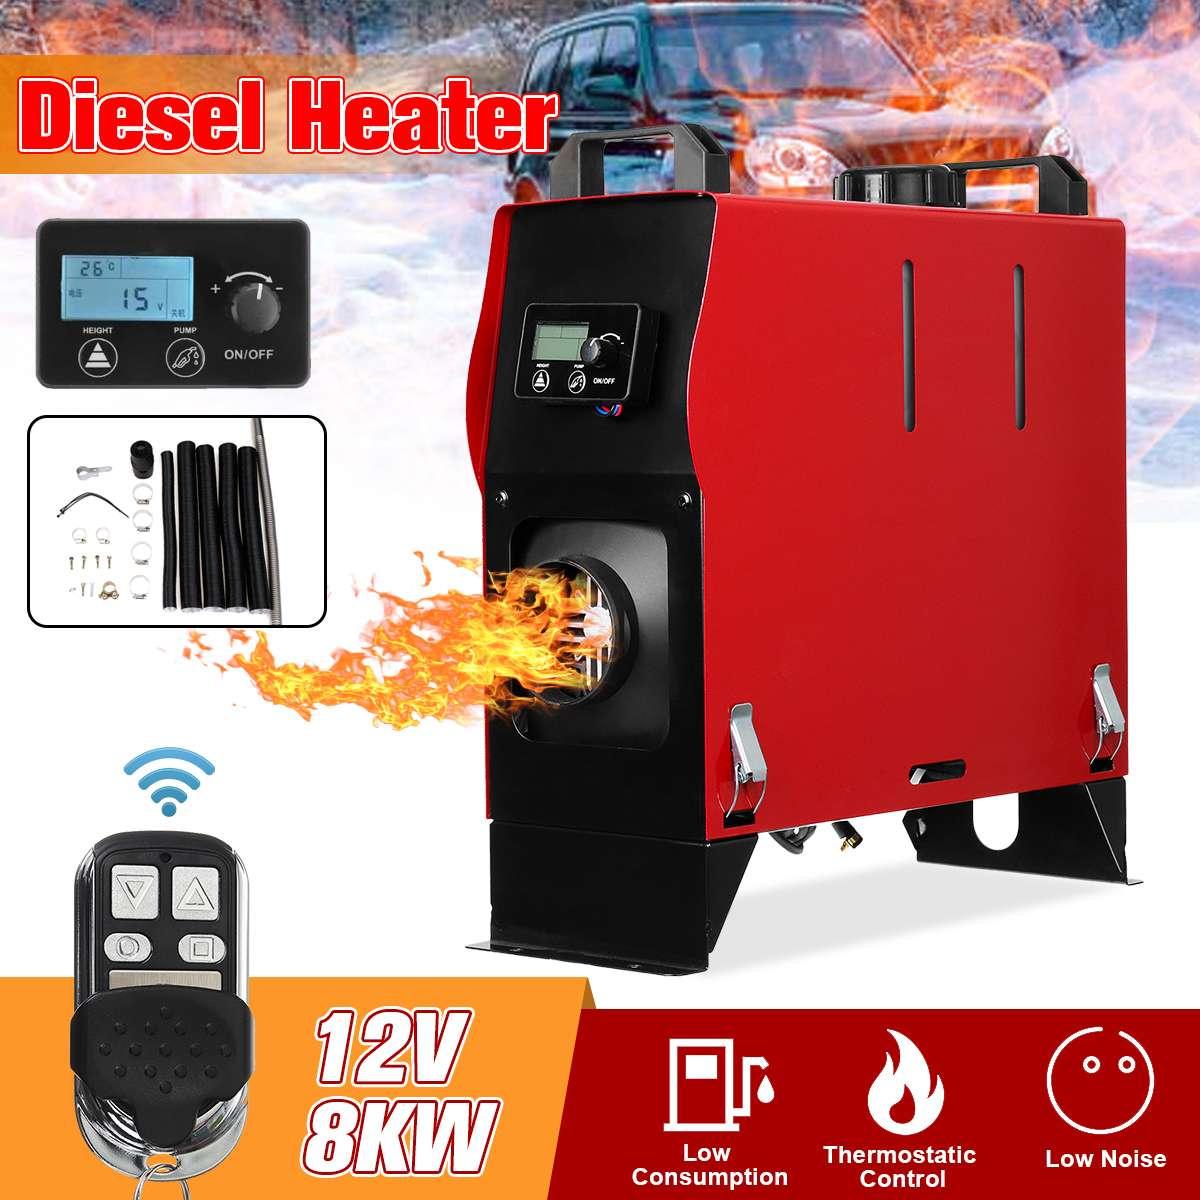 8KW 12 V Integração 1/4 Buracos de Ar Diesel aquecedor de estacionamento ar Aquecedor Do Carro Com Controle Remoto do Interruptor Da Tela LCD de Poupança espaço